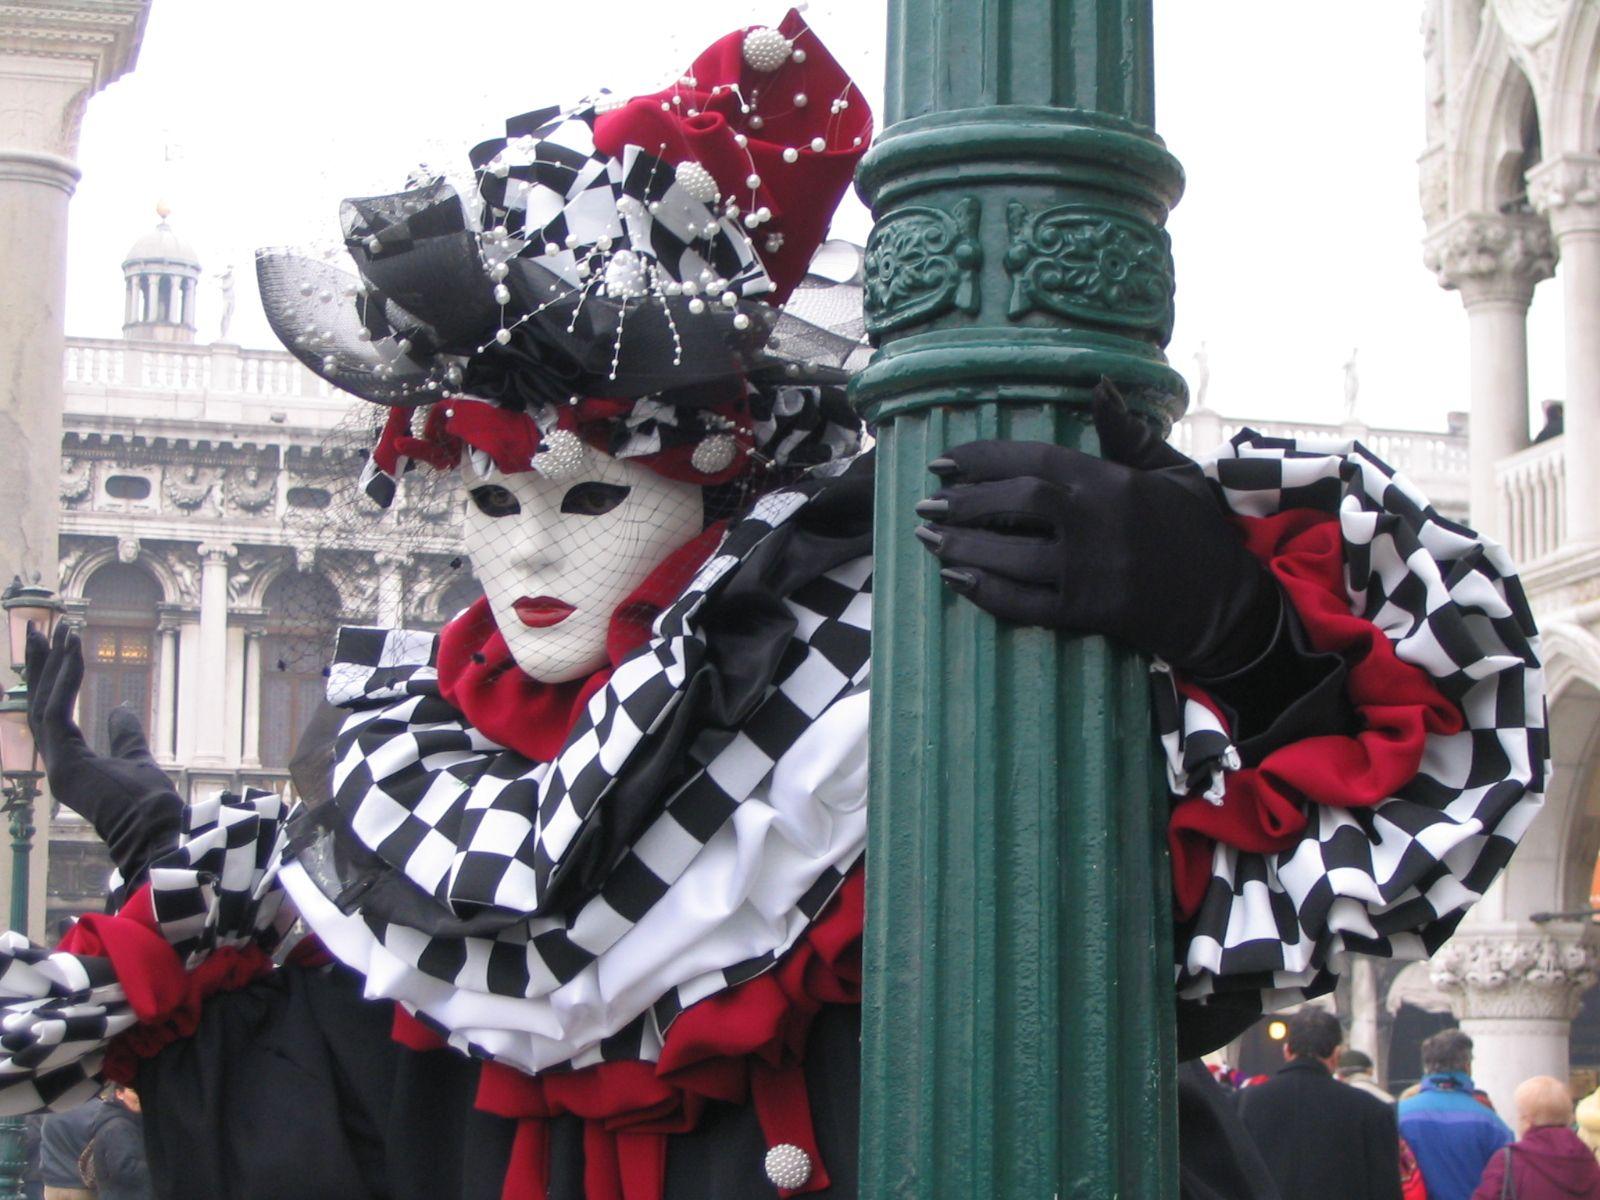 http://2.bp.blogspot.com/-g_UT-bXBoX4/Tdp6jrWSUjI/AAAAAAAACDc/9wYFgZBJqvo/s1600/Veneza_Carnaval.jpg